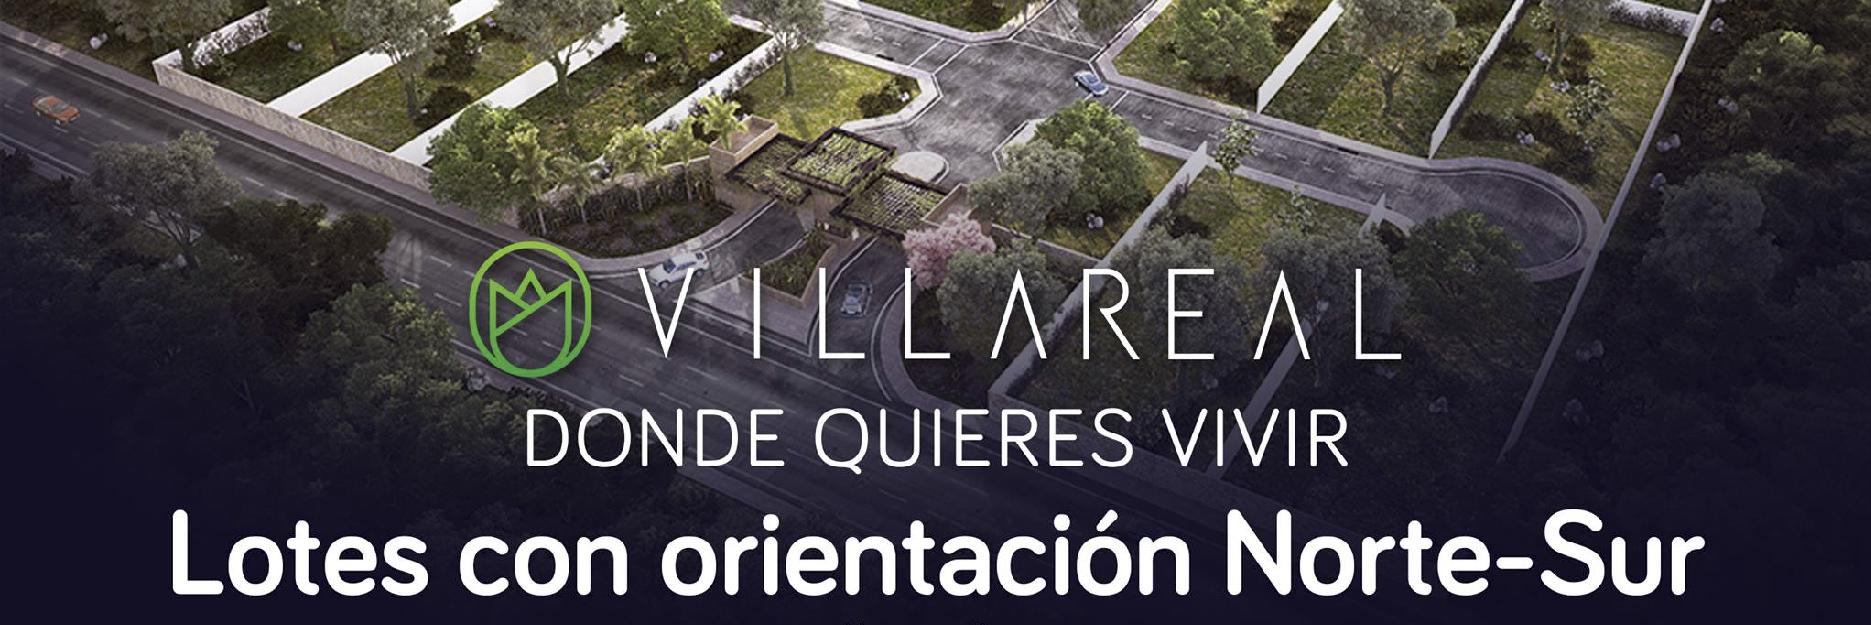 Terrenos Venta Mérida VILLAREAL Goodlers